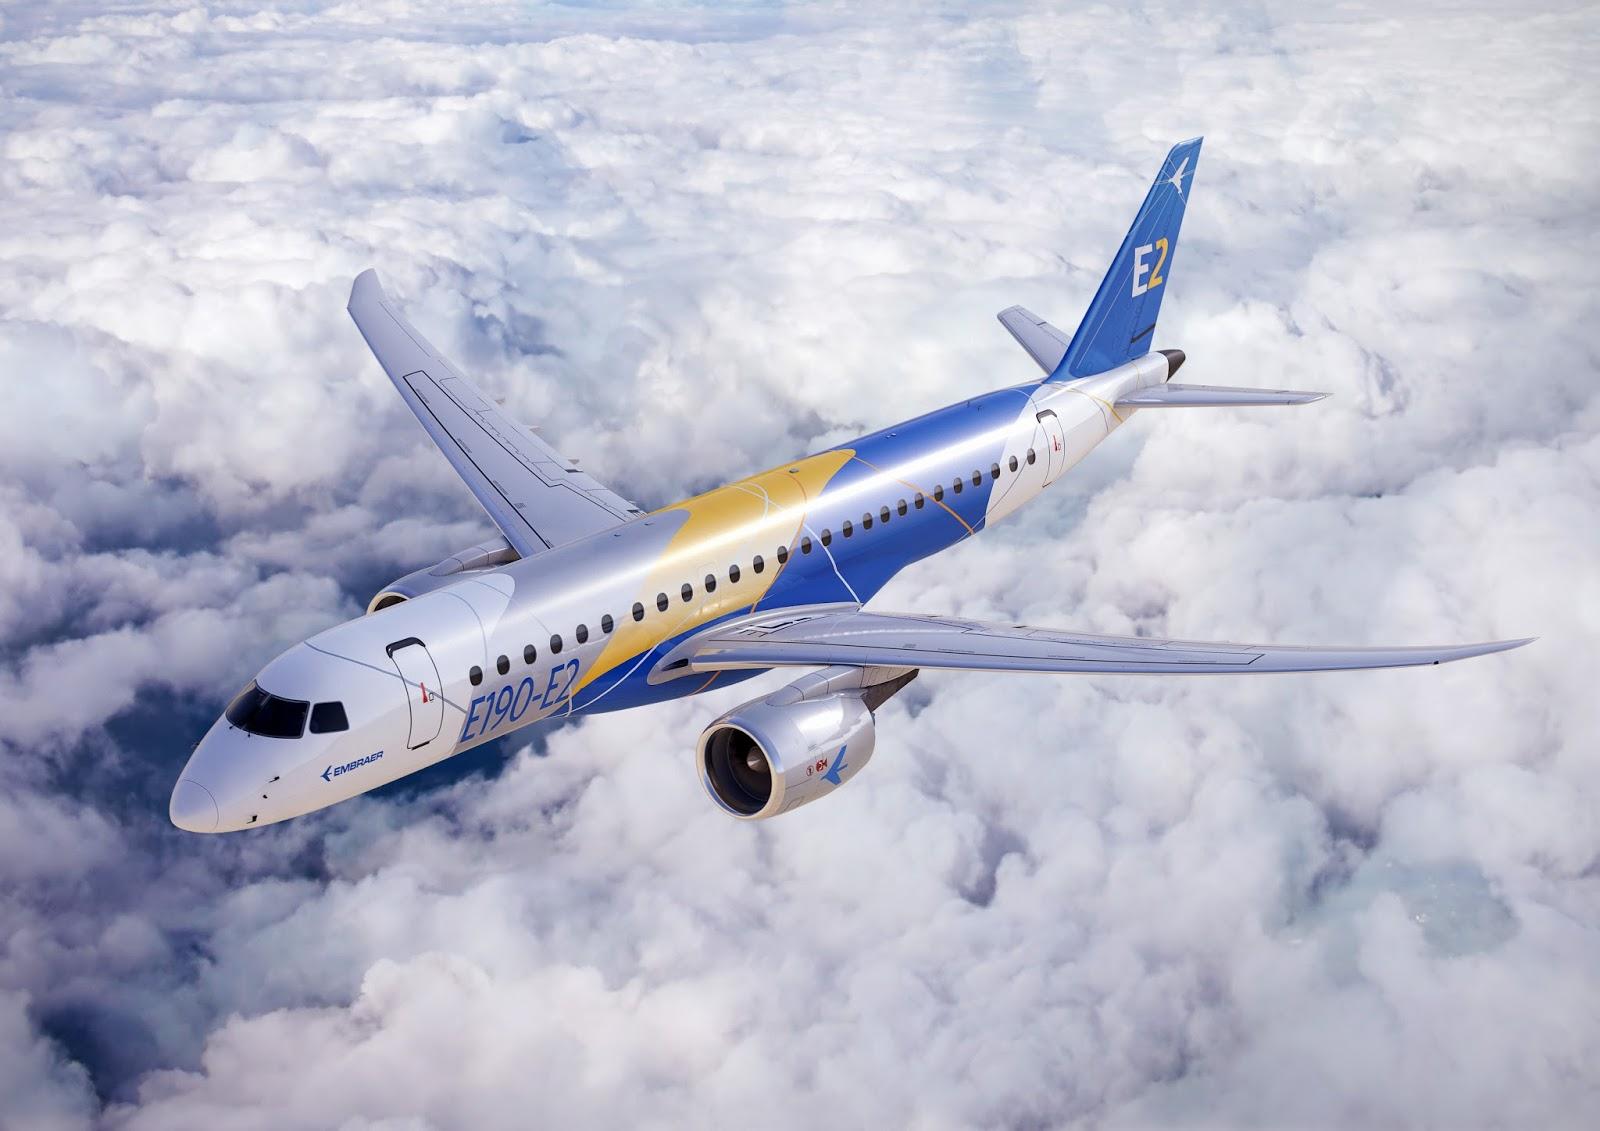 NINJA: Embraer / E-Jets E2